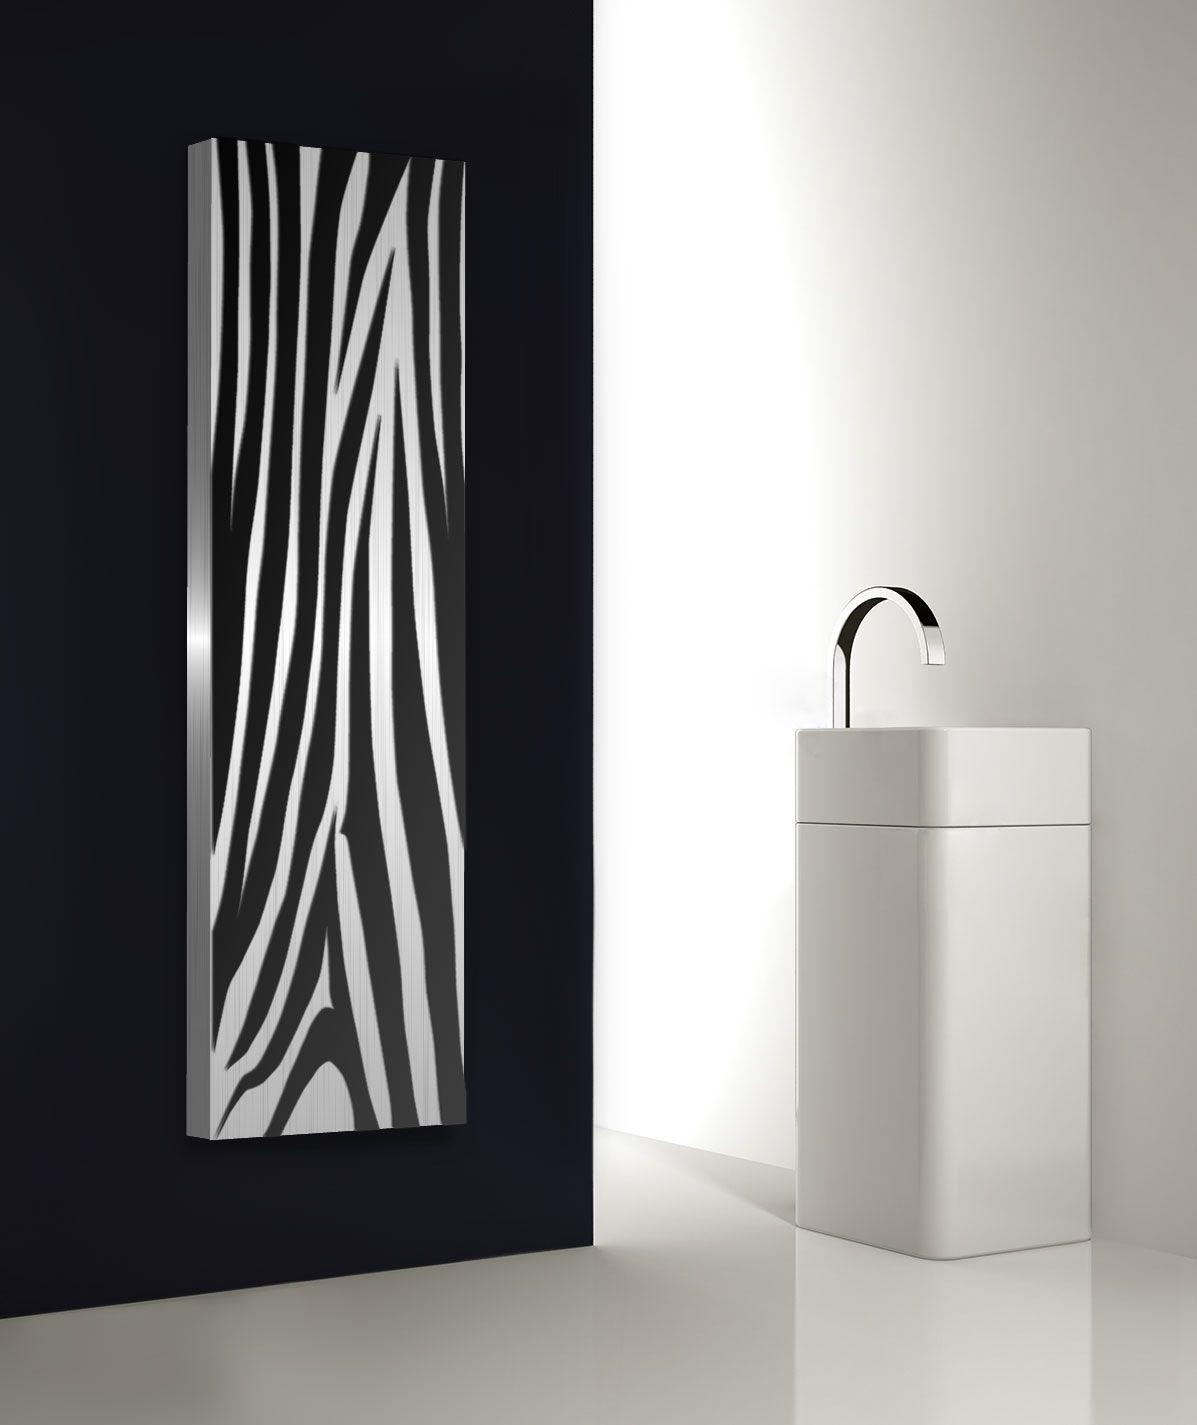 design radiatoren voor de woonkamer, keuken, badkamer | ideeën, Wohnzimmer dekoo